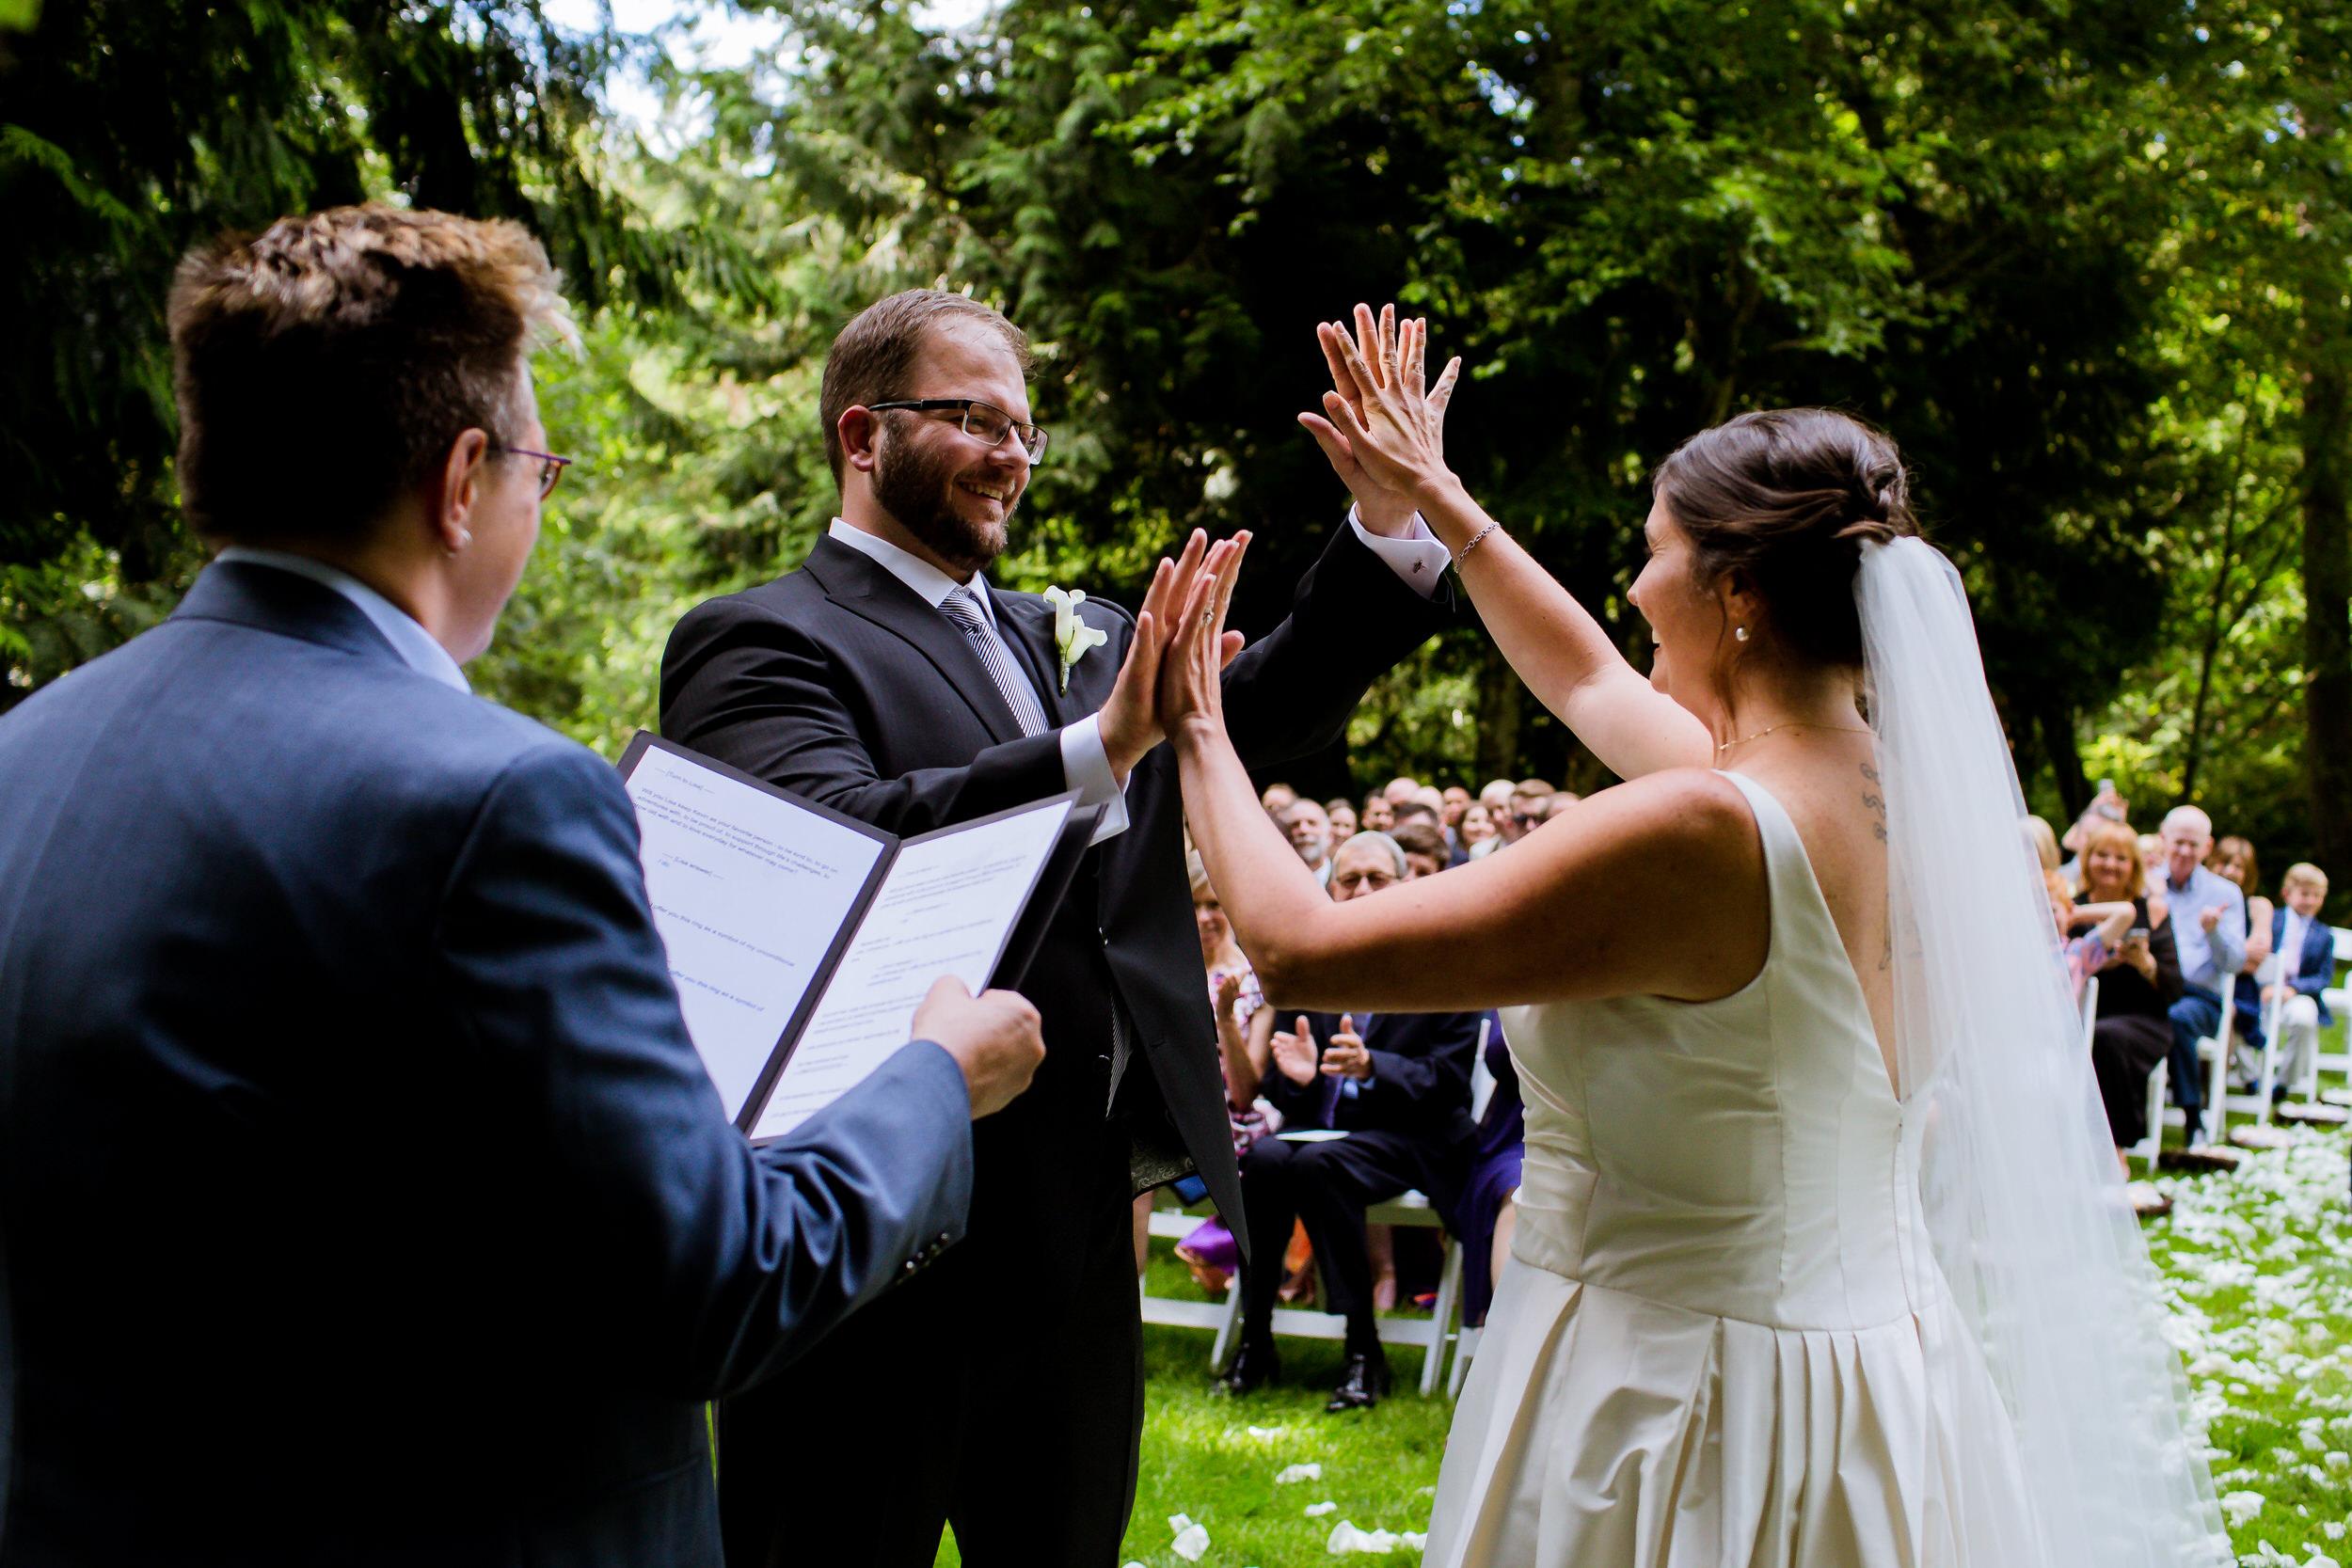 Islandwood_Retreat_Bambridge_Island_Washington_Wedding_034